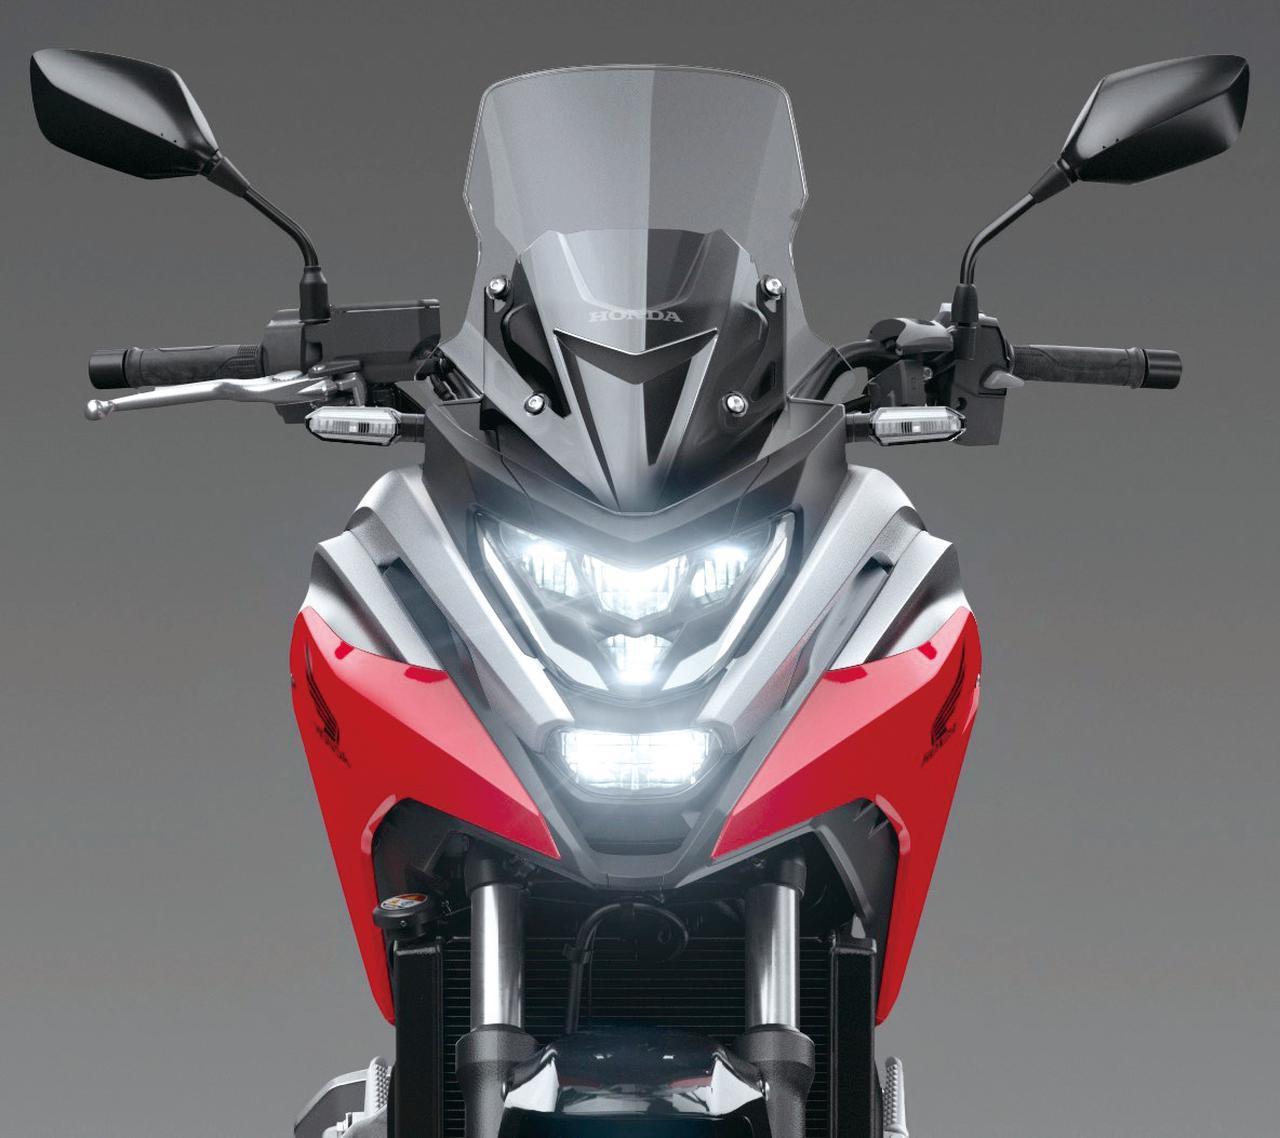 画像: デビュー時からの特徴であるクロスオーバーデザイン。アウトラインはそのままに、LEDヘッドライトを活かしたシャープなイメージにされた。